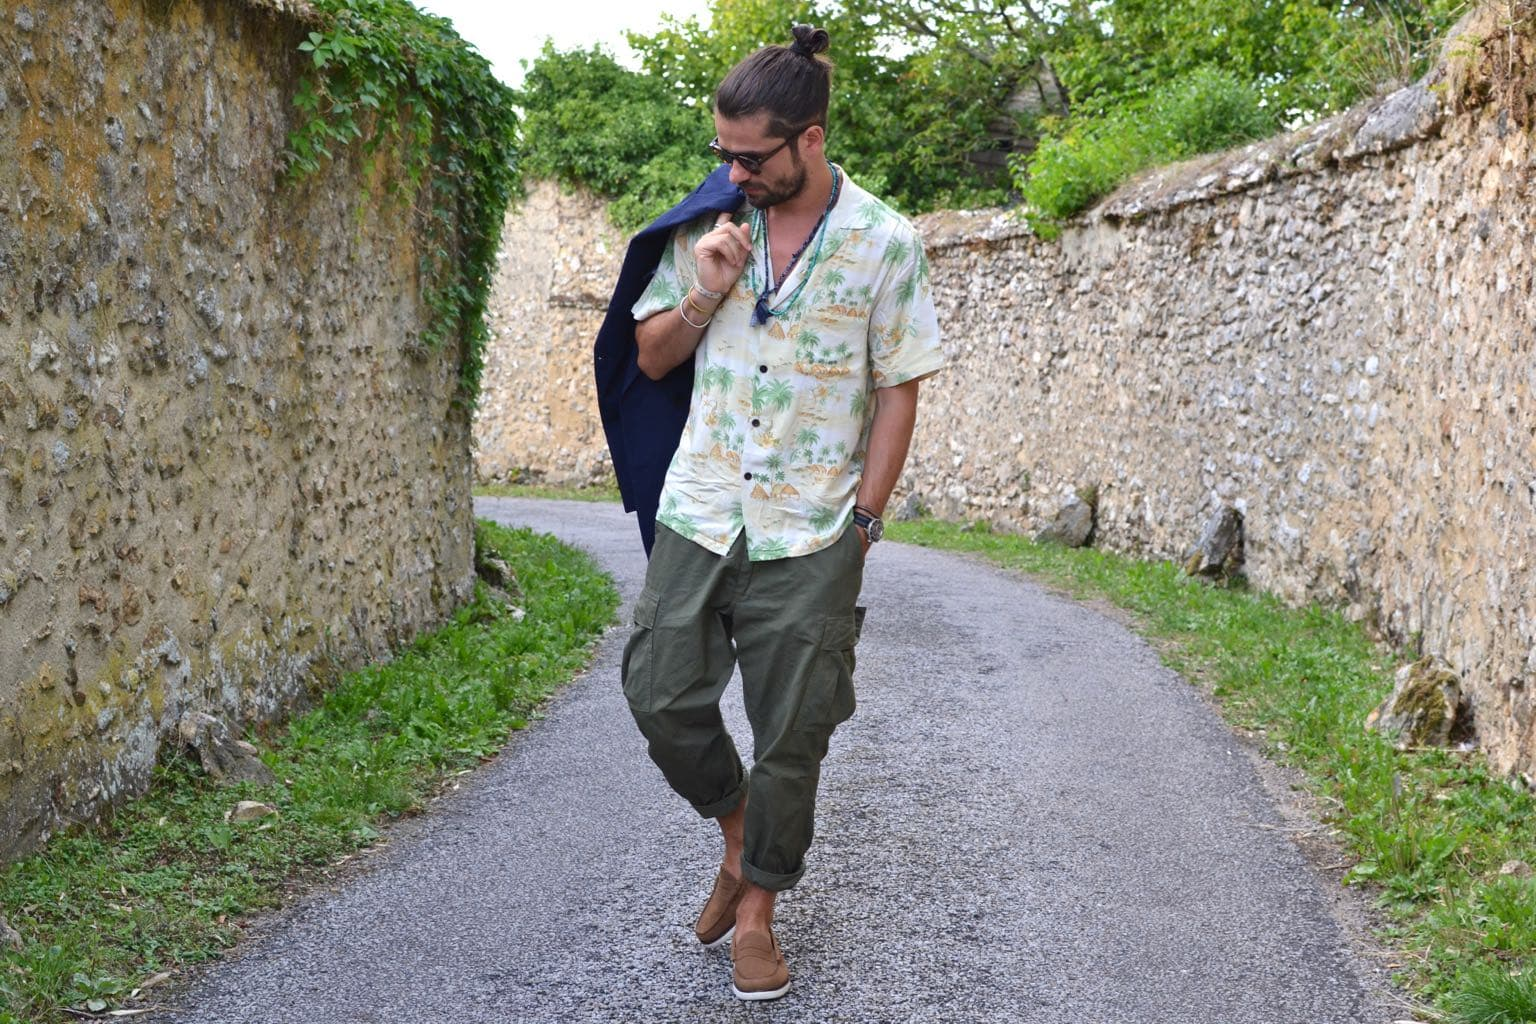 idée de tenue pour homme l'été, porter une chemisette à fleur ou imprimé d'été